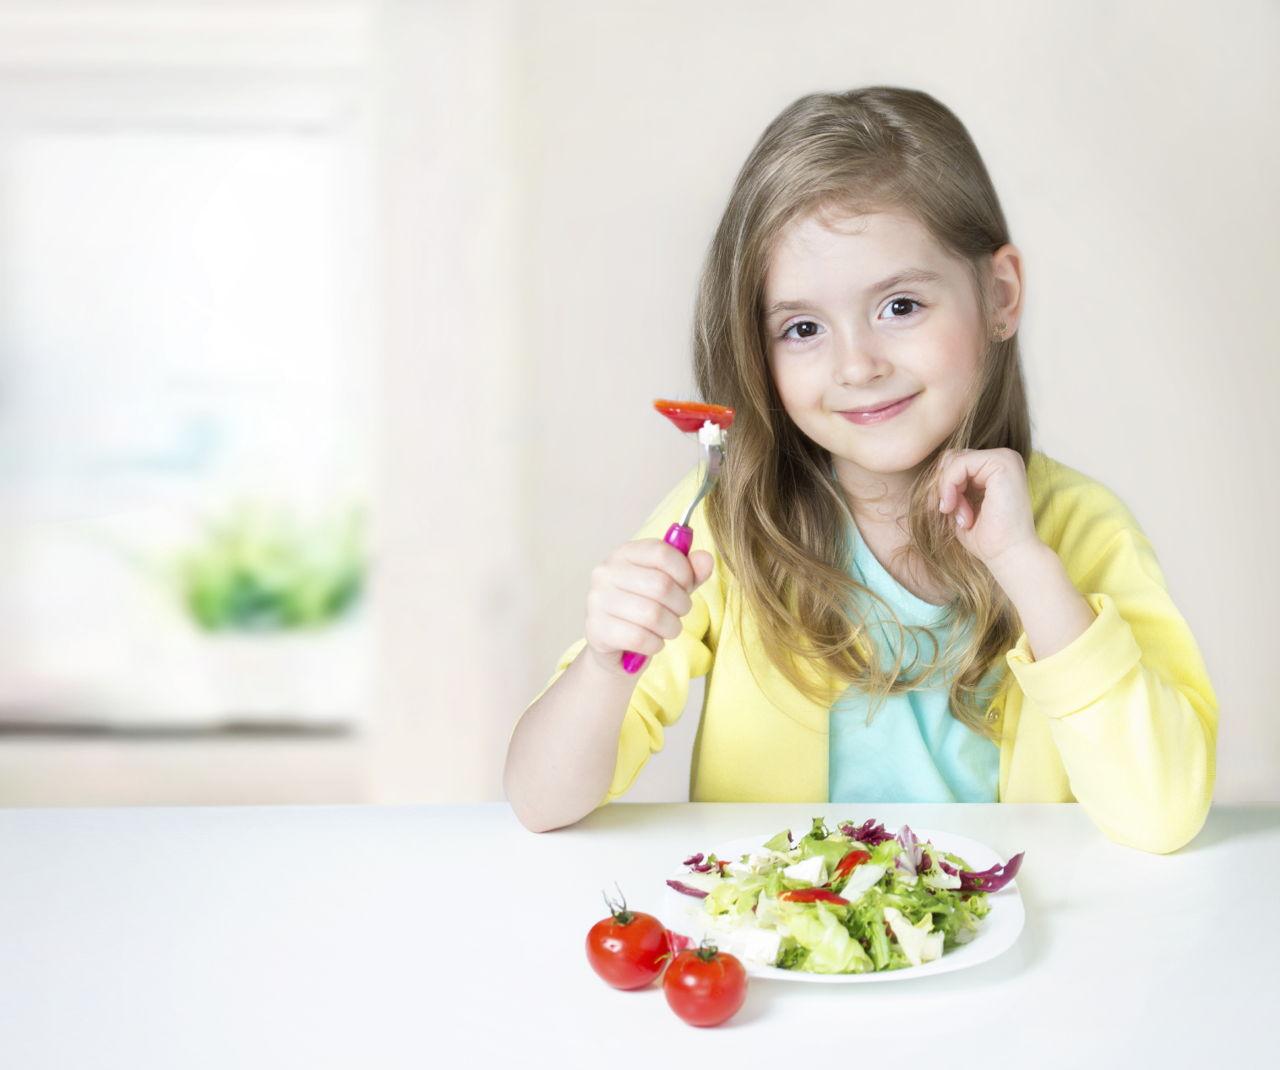 Diarrhea After Eating Salad